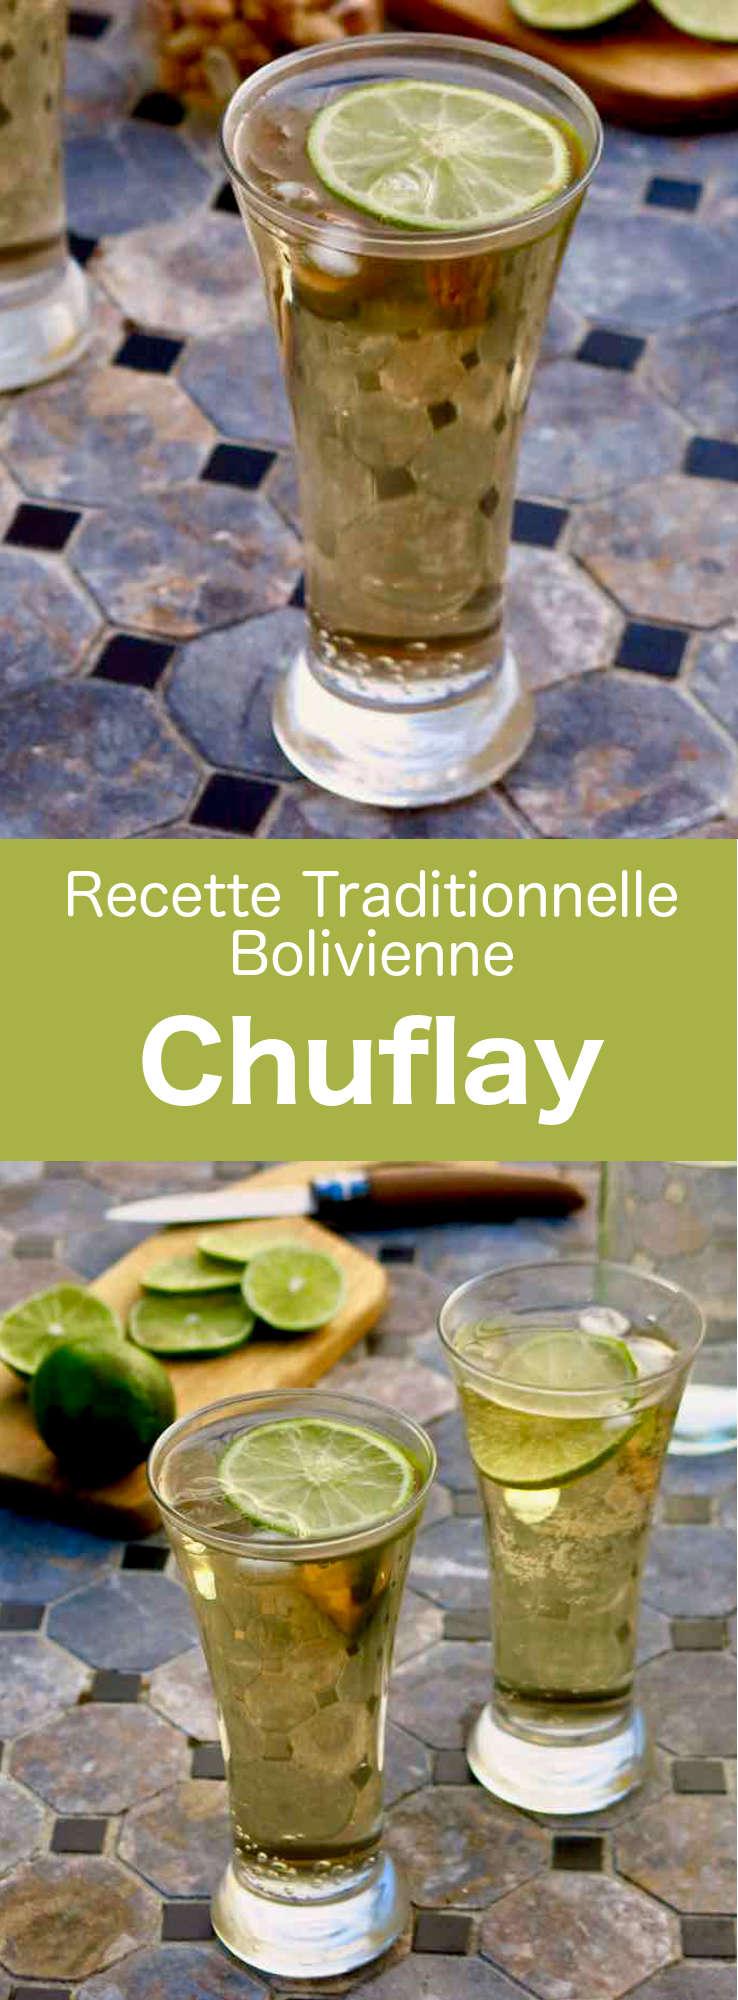 Le chuflay est une des boissons les plus populaires de Bolivie, à base de singani (eau de vie au raisin) et de ginger ale (soda au gingembre). #Bolivie #RecetteBolivienne #CuisineBolivienne #CuisineDuMonde #196flavors